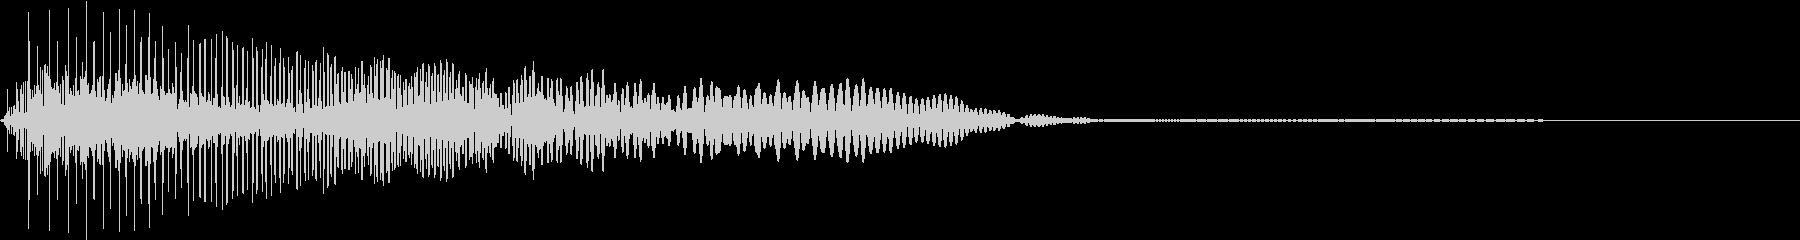 Game ヨッシーの様な可愛い動作SEの未再生の波形